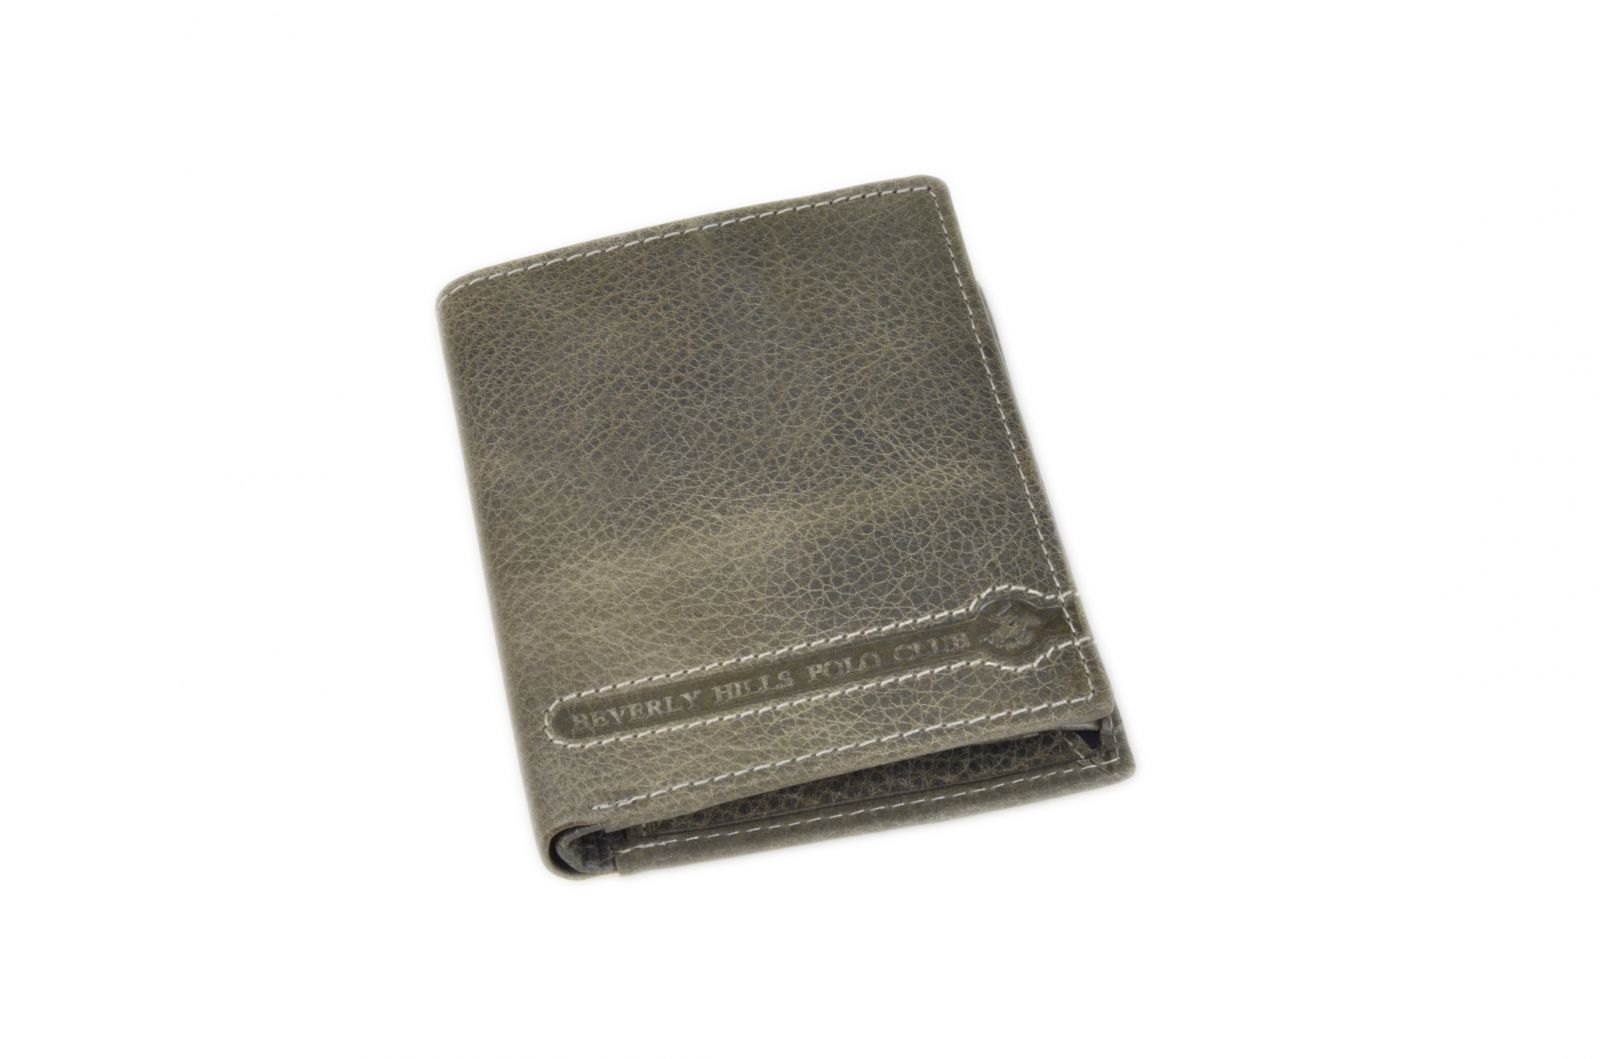 Peněženka pánská BHPC Tucson BH-396-23 antracitová v krabičce